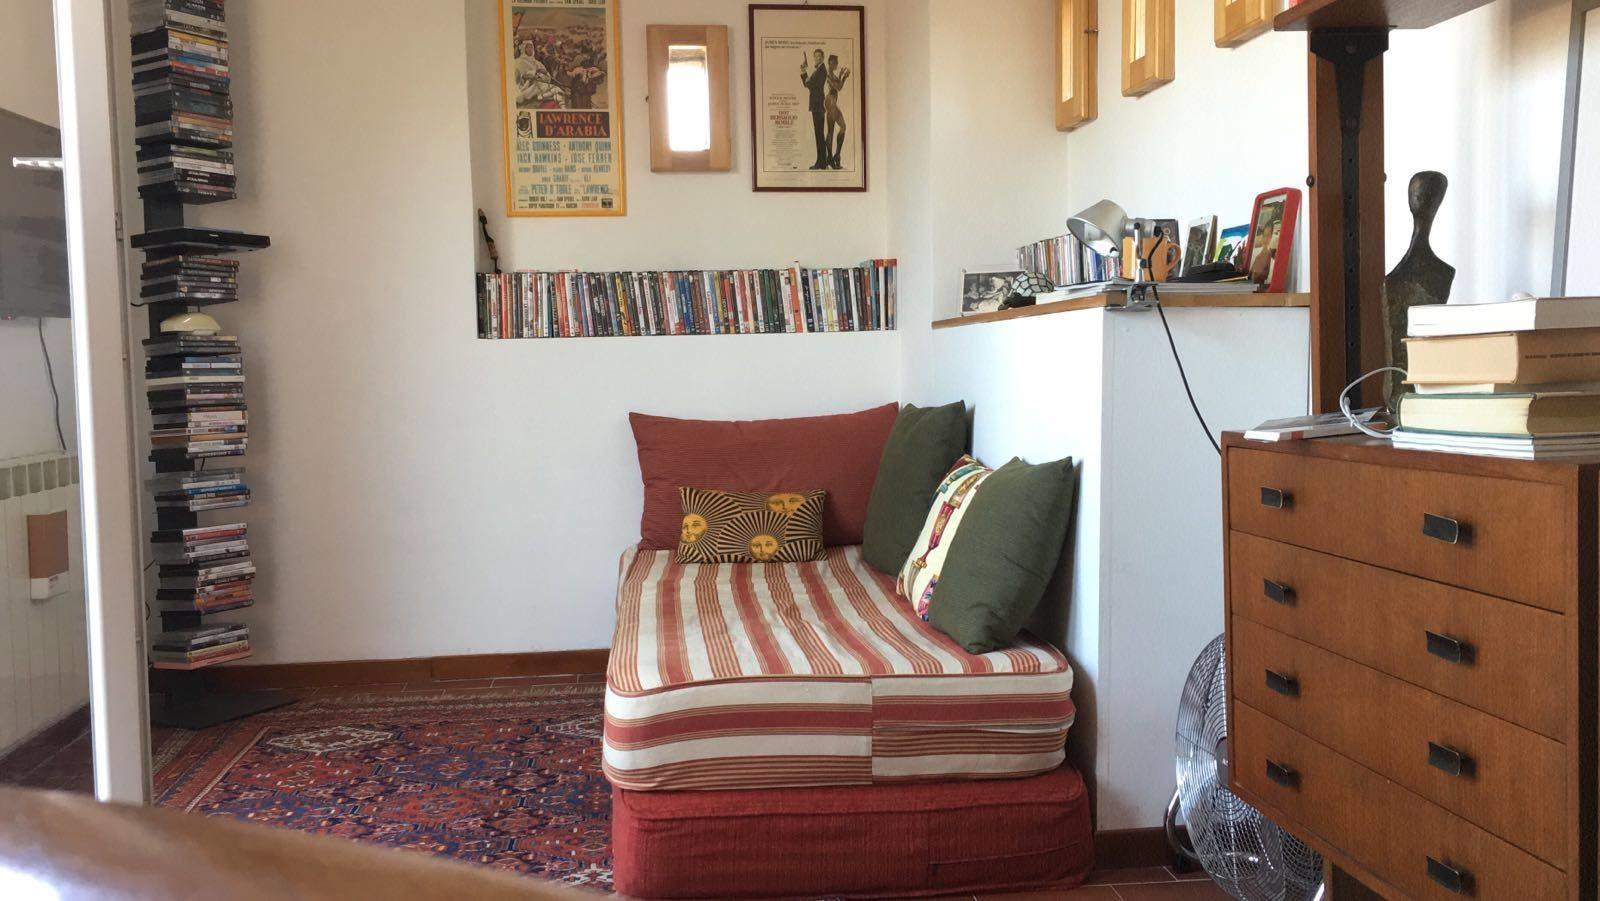 بالصور غرفة في روما , اجمل الغرف والتكنولوجيا فى روما 3472 7